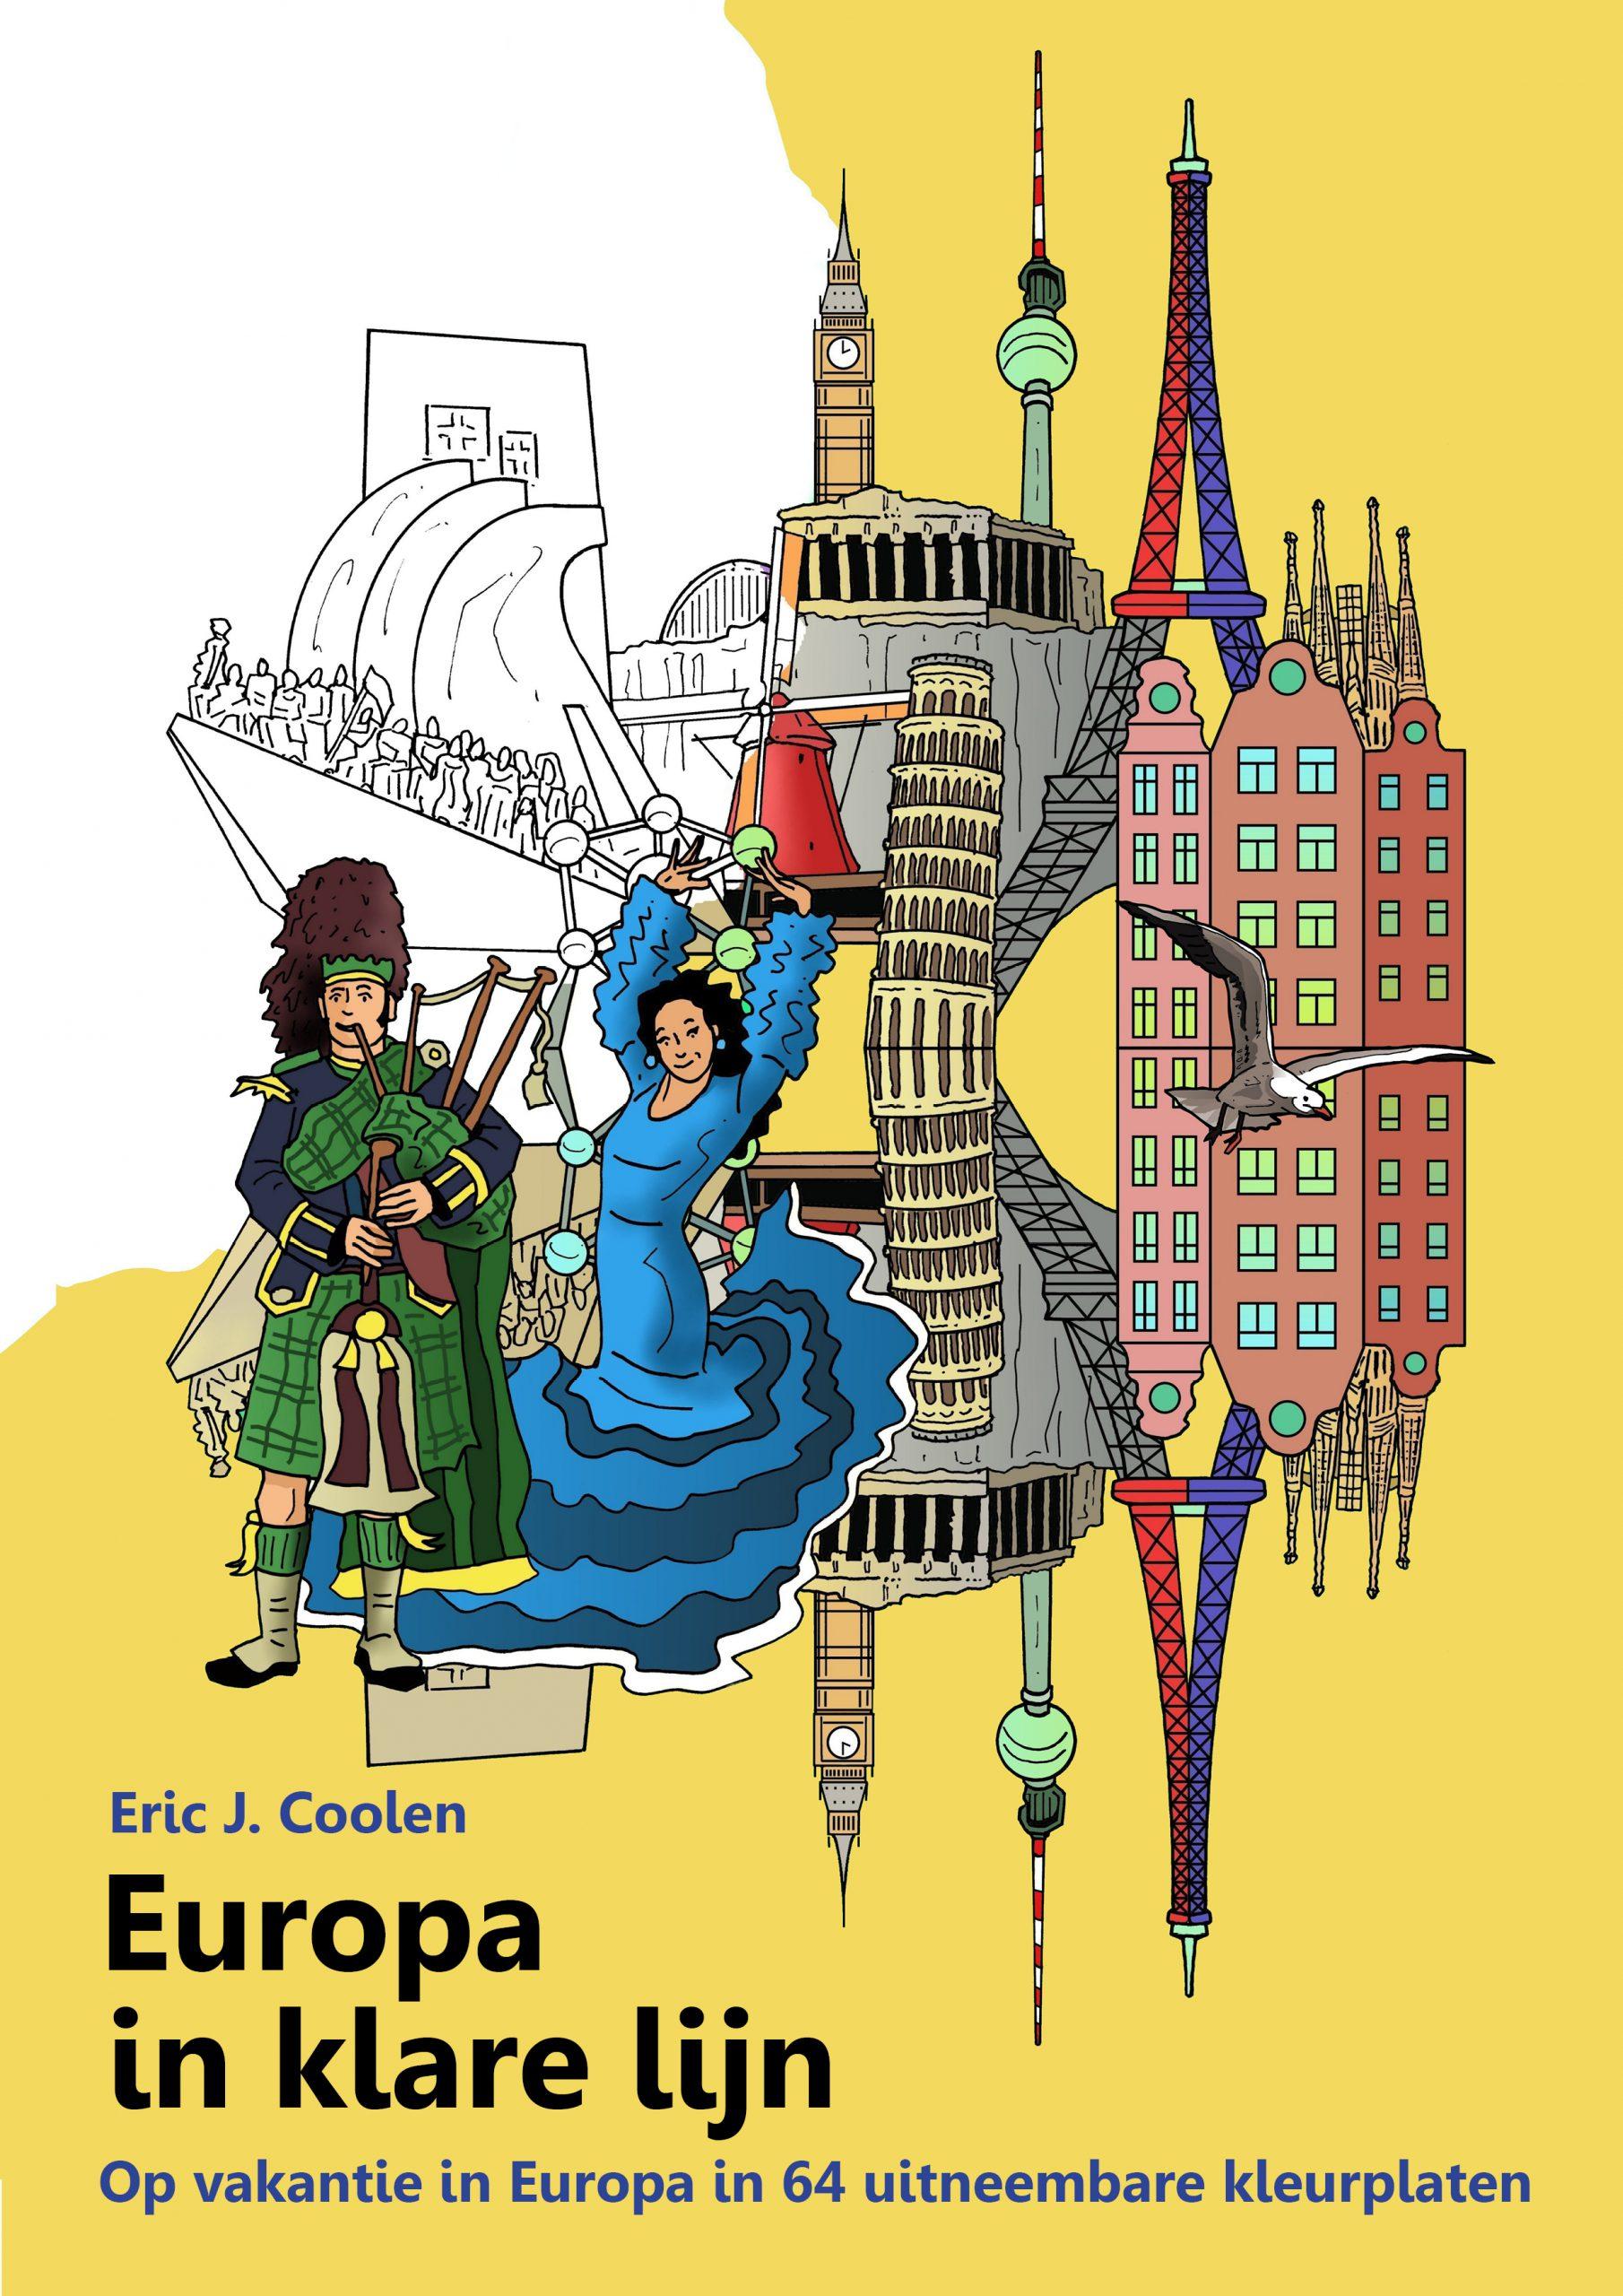 EUROPA IN KLARE LIJNERIC J. COOLEN